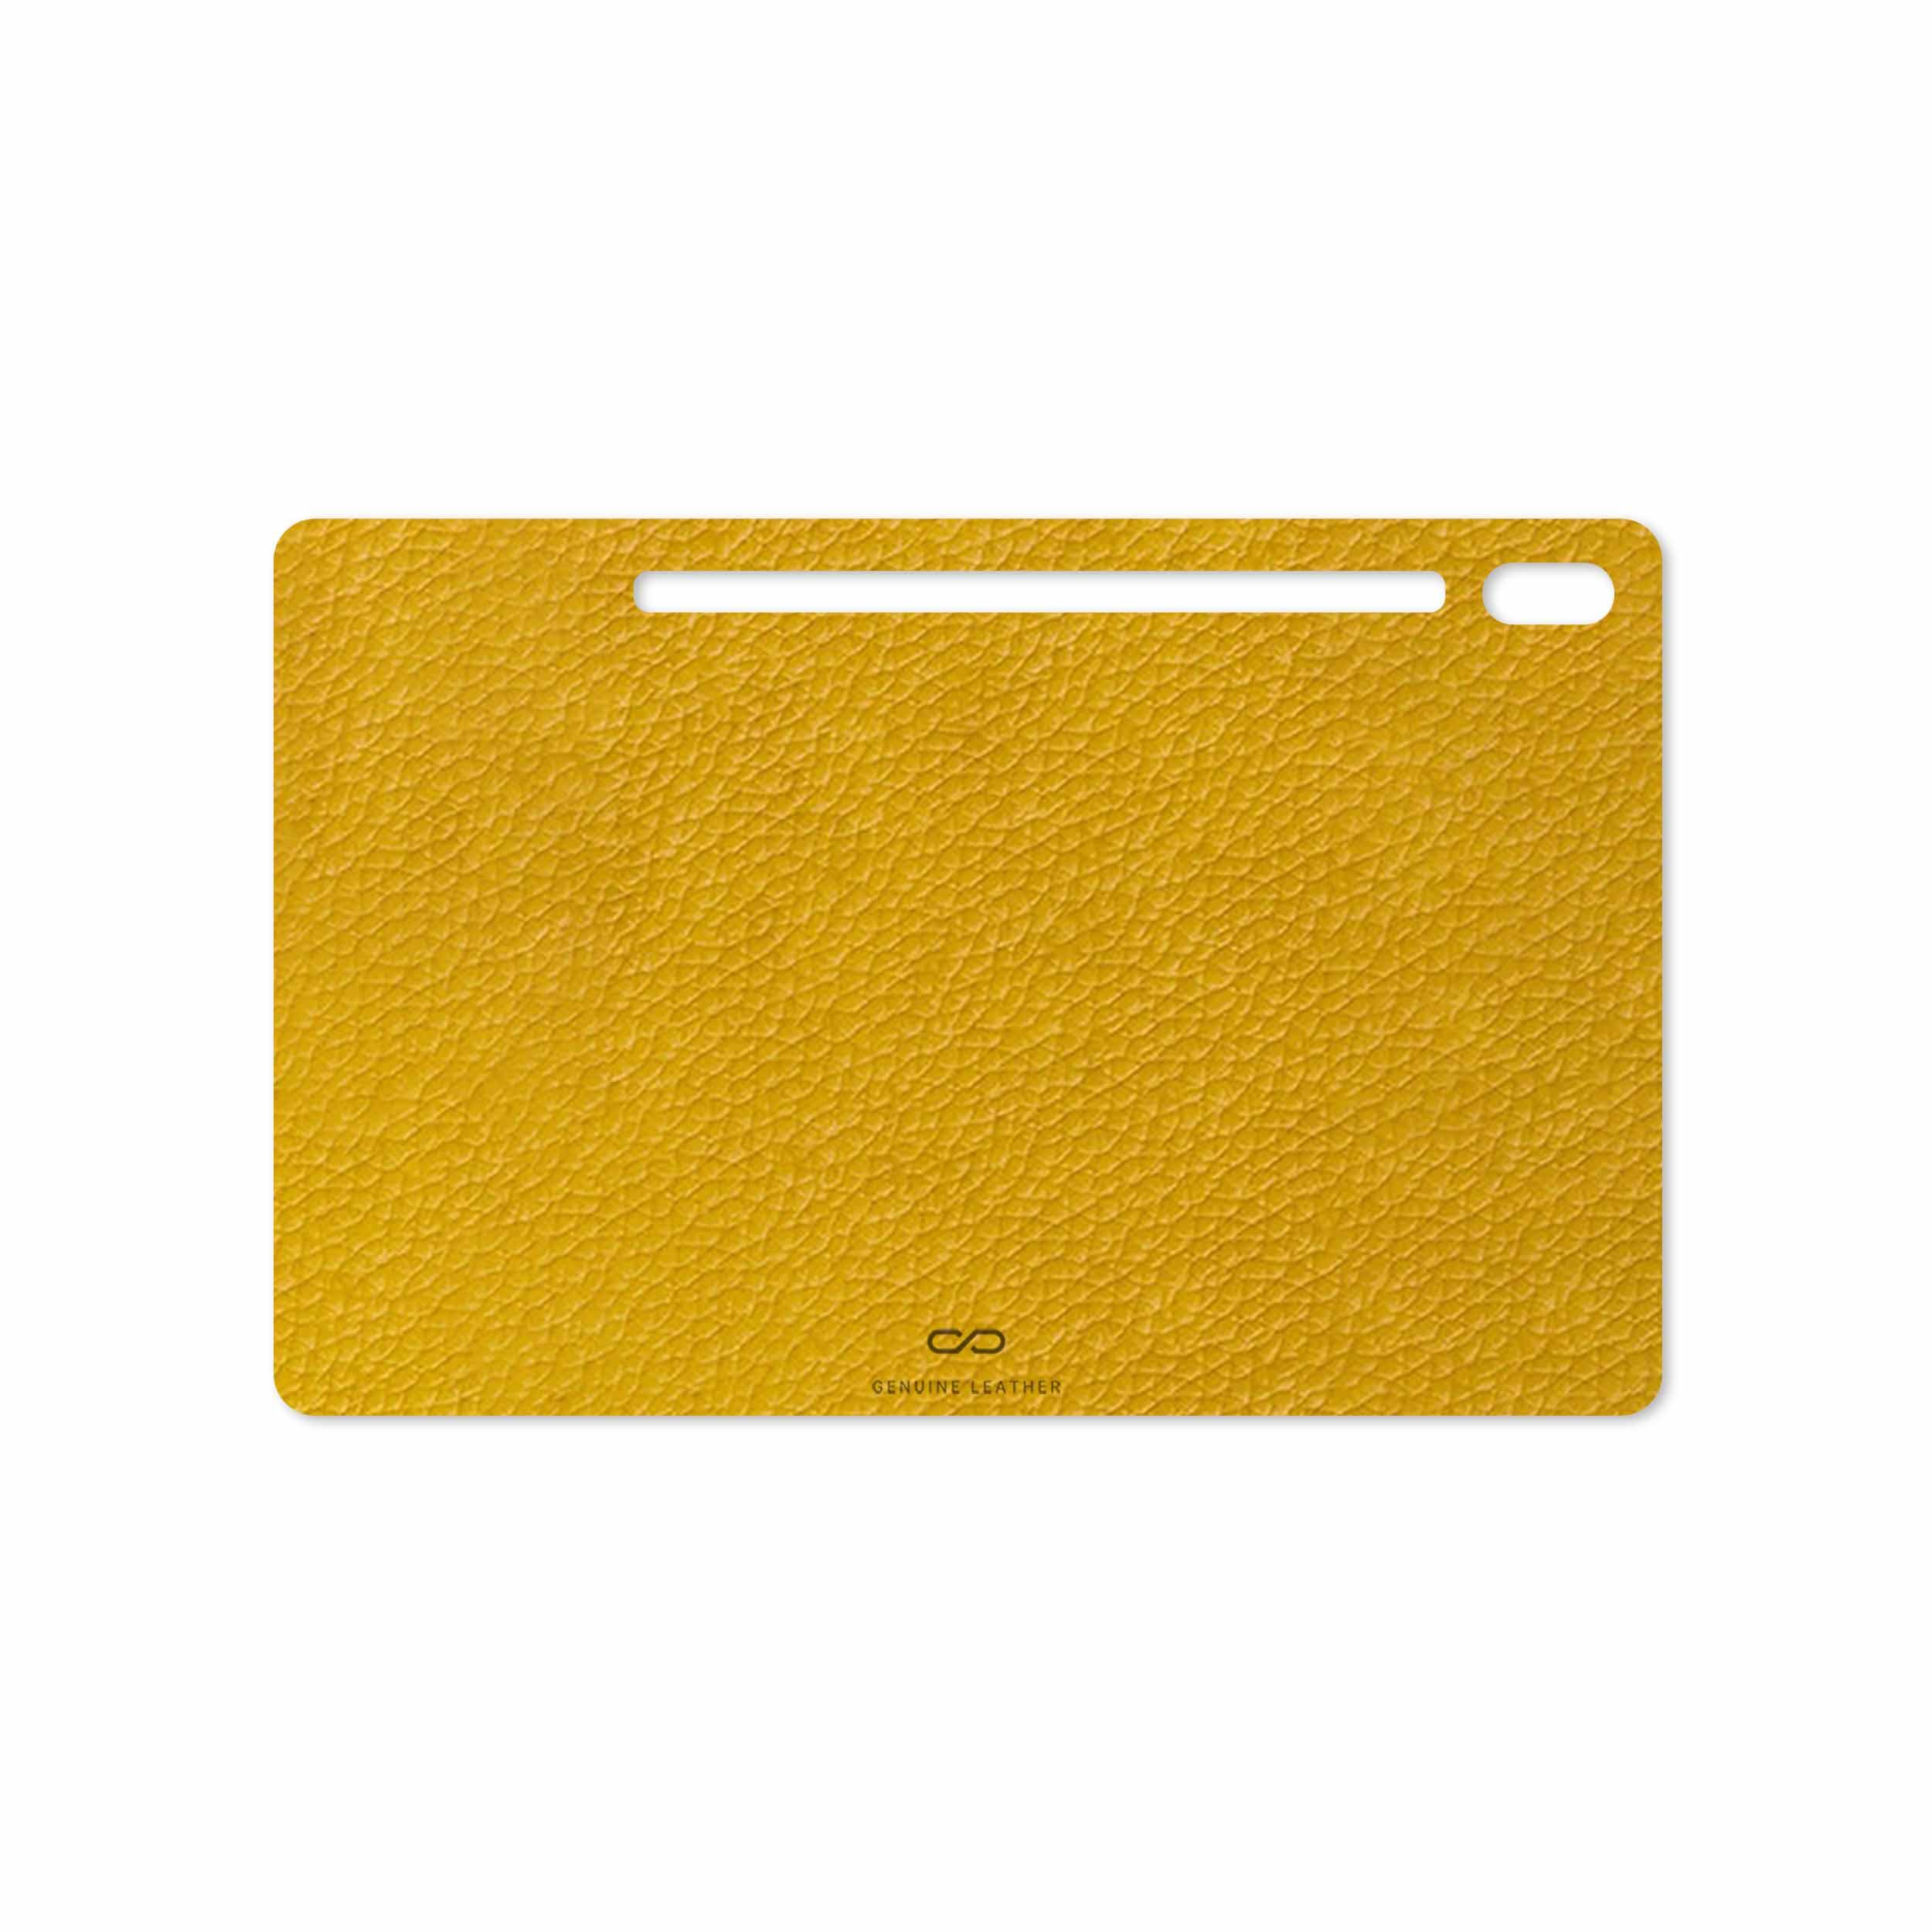 بررسی و خرید [با تخفیف]                                     برچسب پوششی ماهوت مدل Mustard-Leather مناسب برای تبلت سامسونگ Galaxy Tab S6 2019 SM-T865                             اورجینال